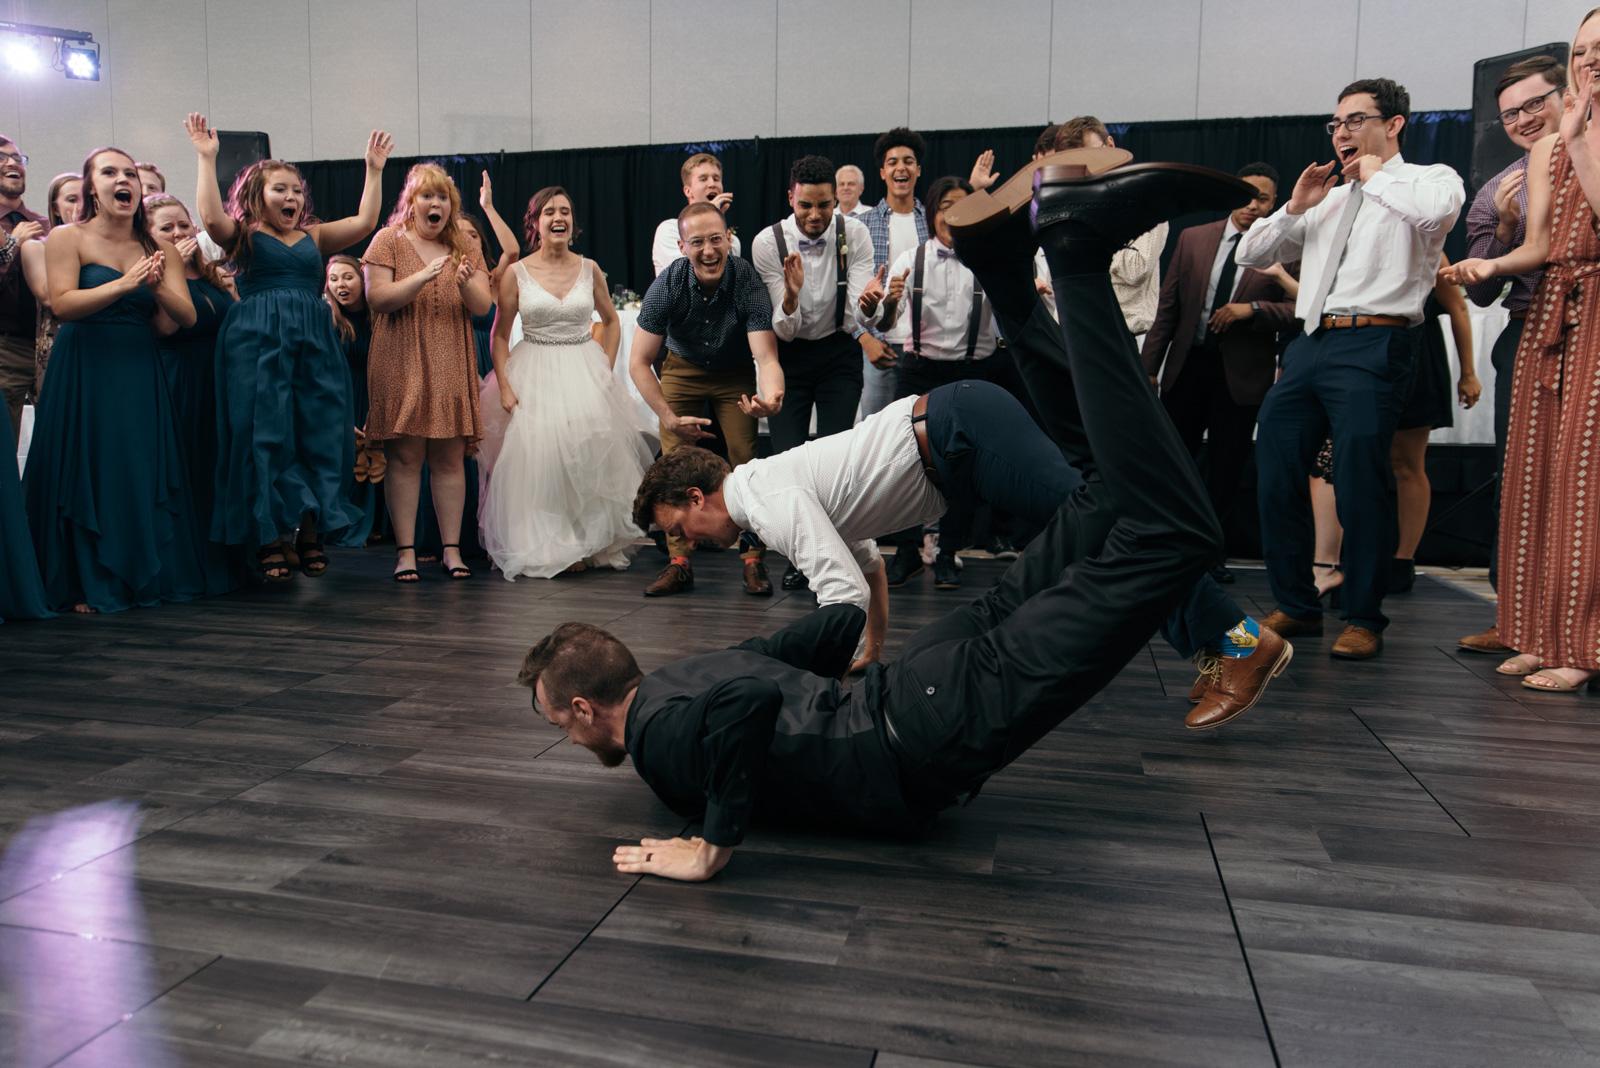 groom and groomsmen dancing coralville wedding reception